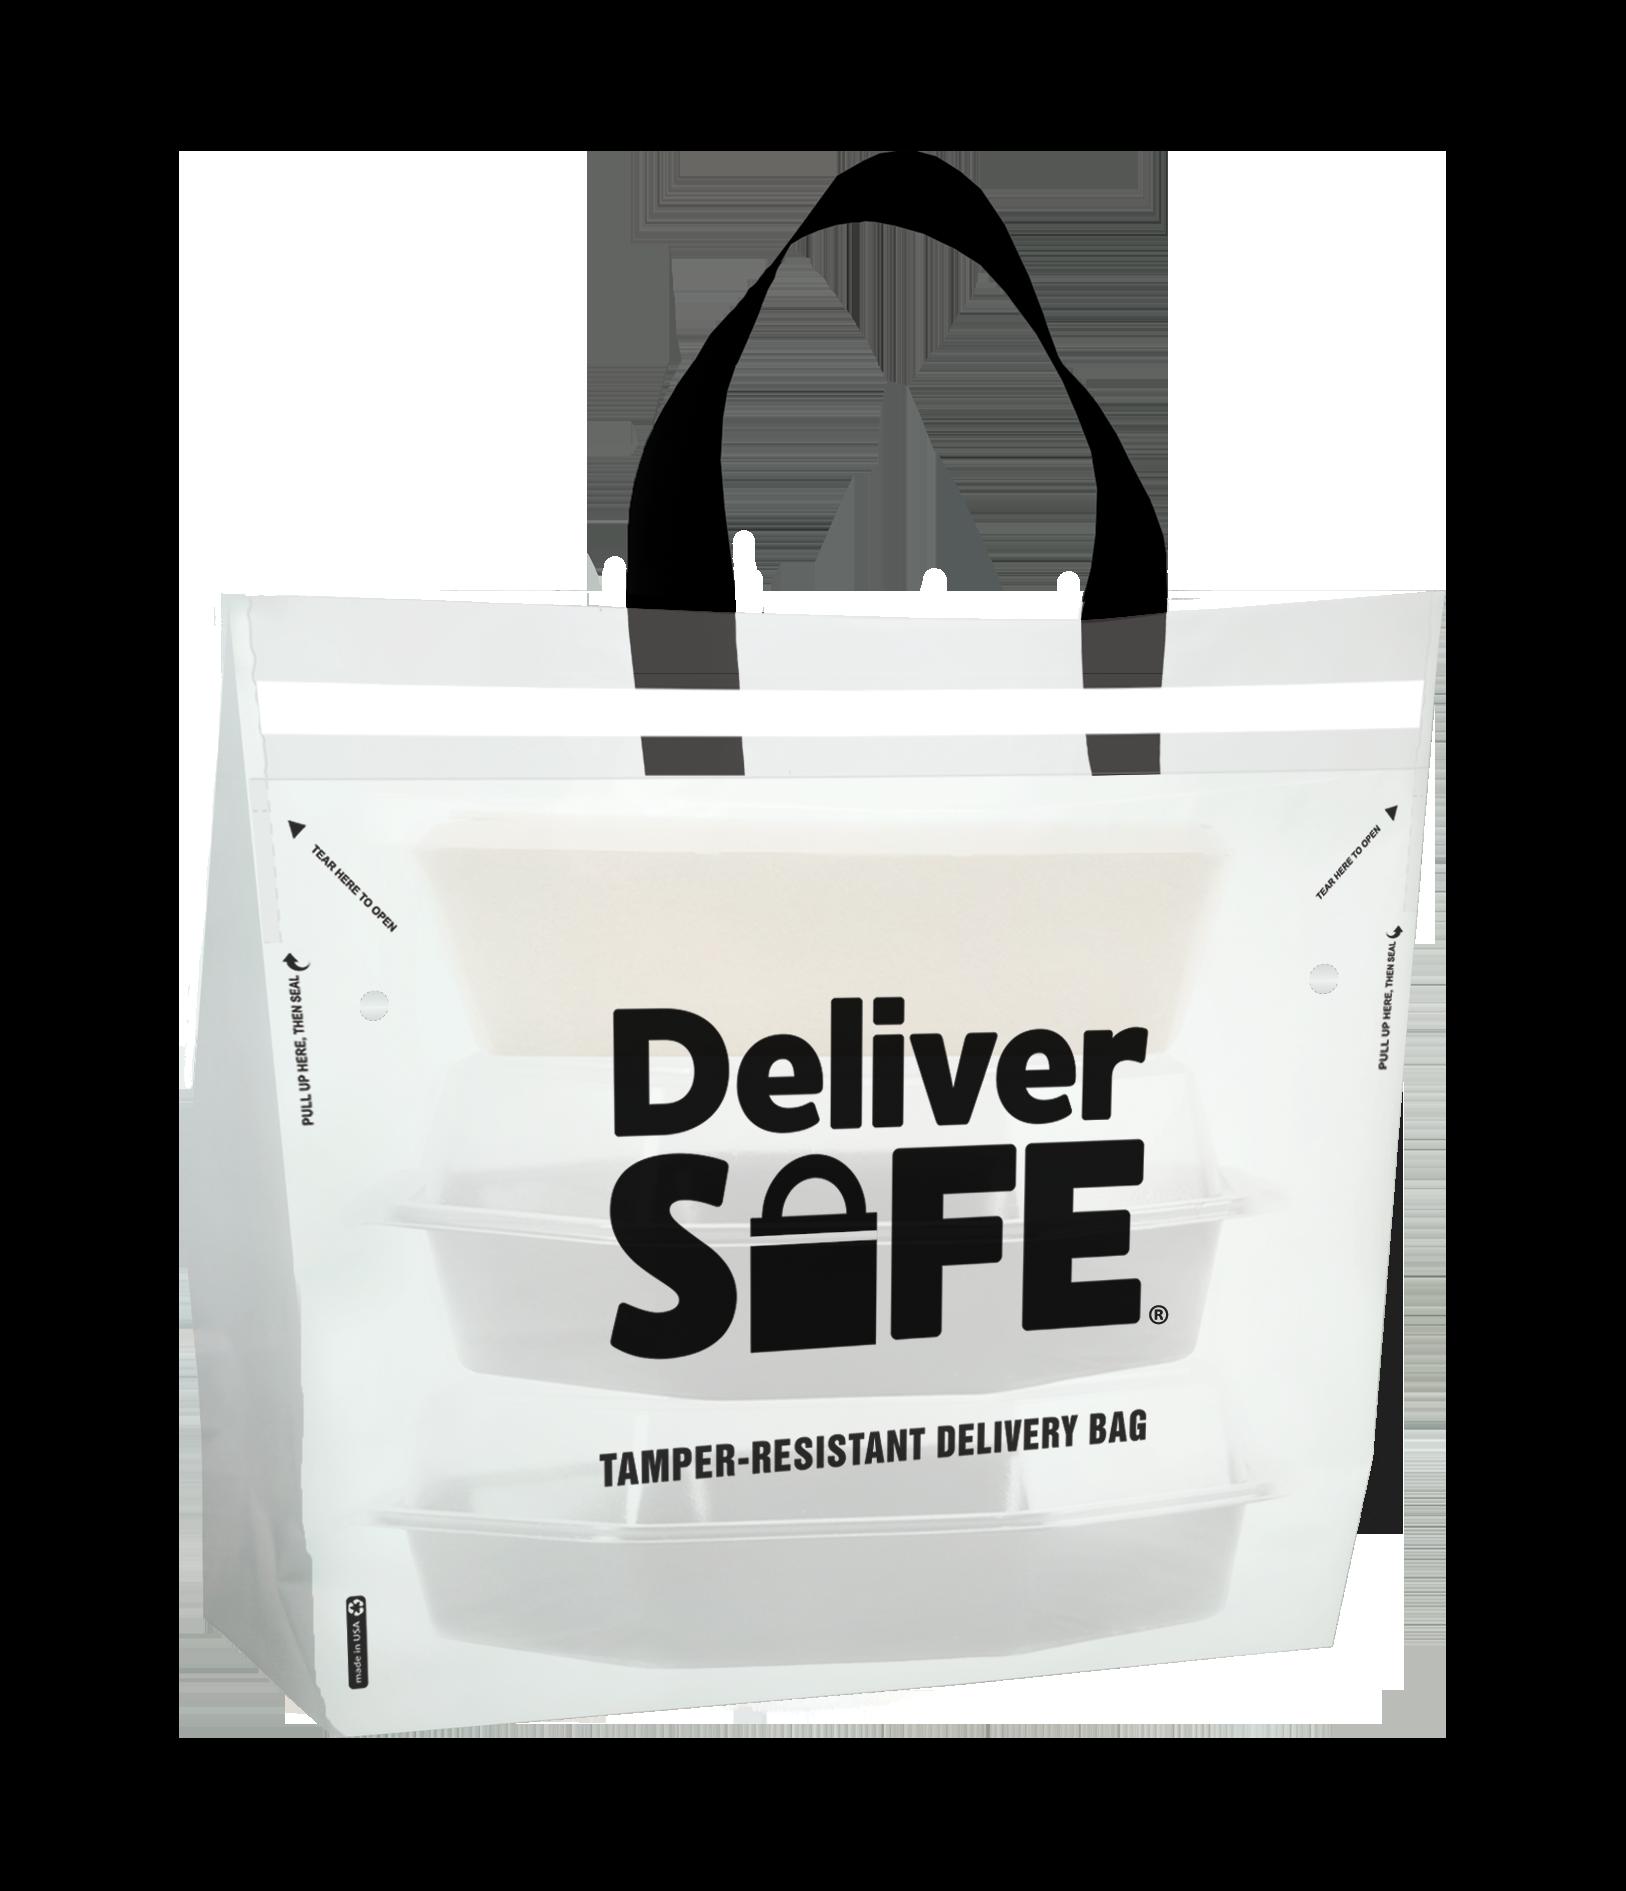 Deliver Safe 2019